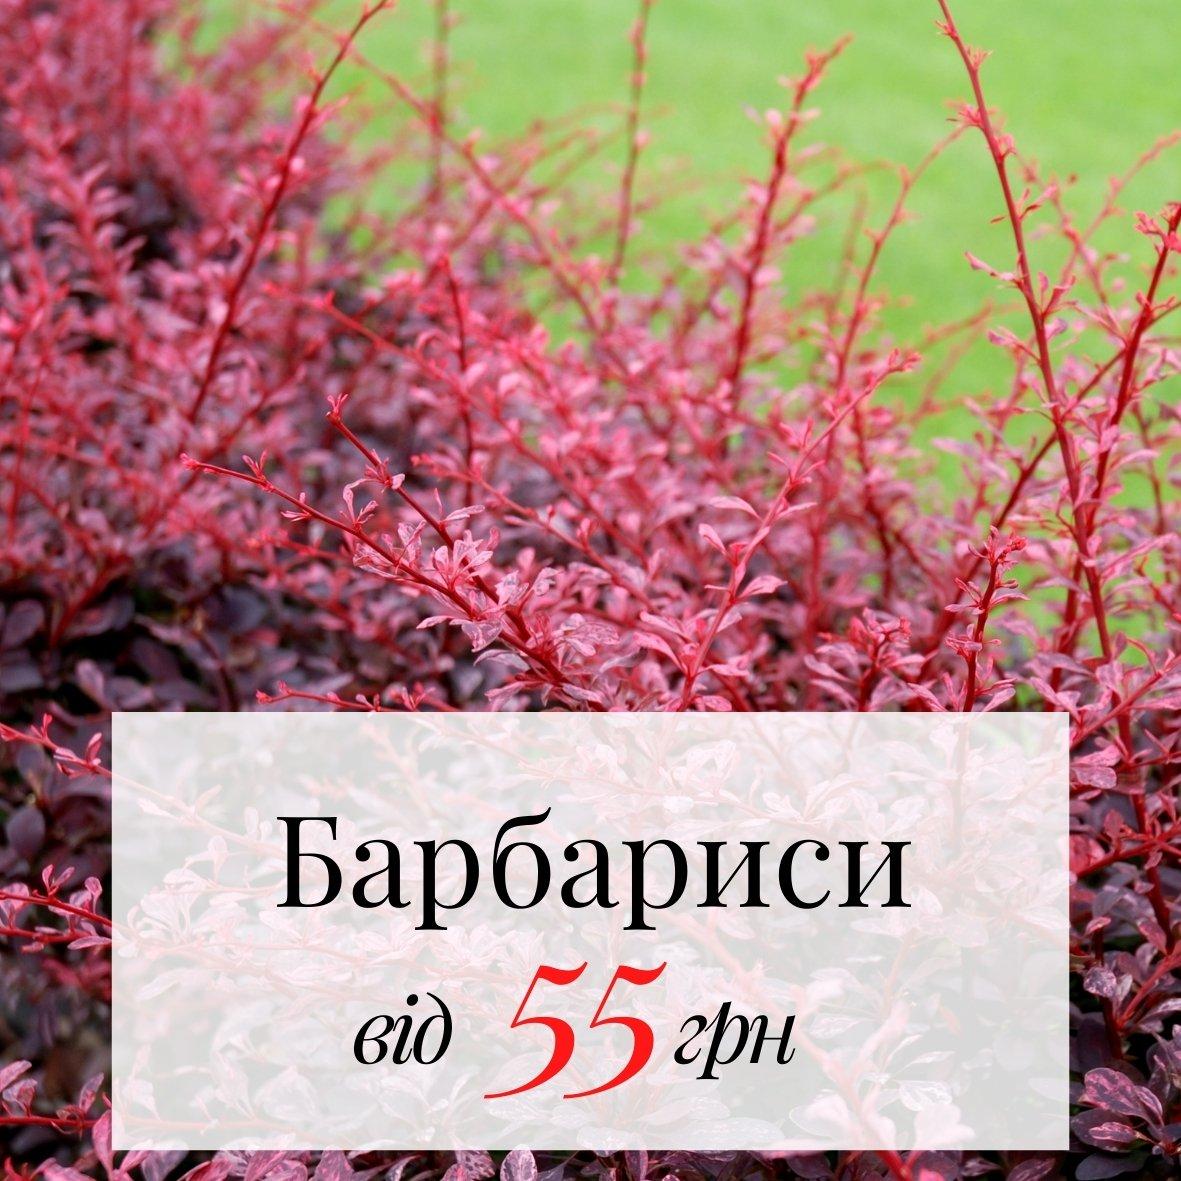 Барбарисы от 55грн